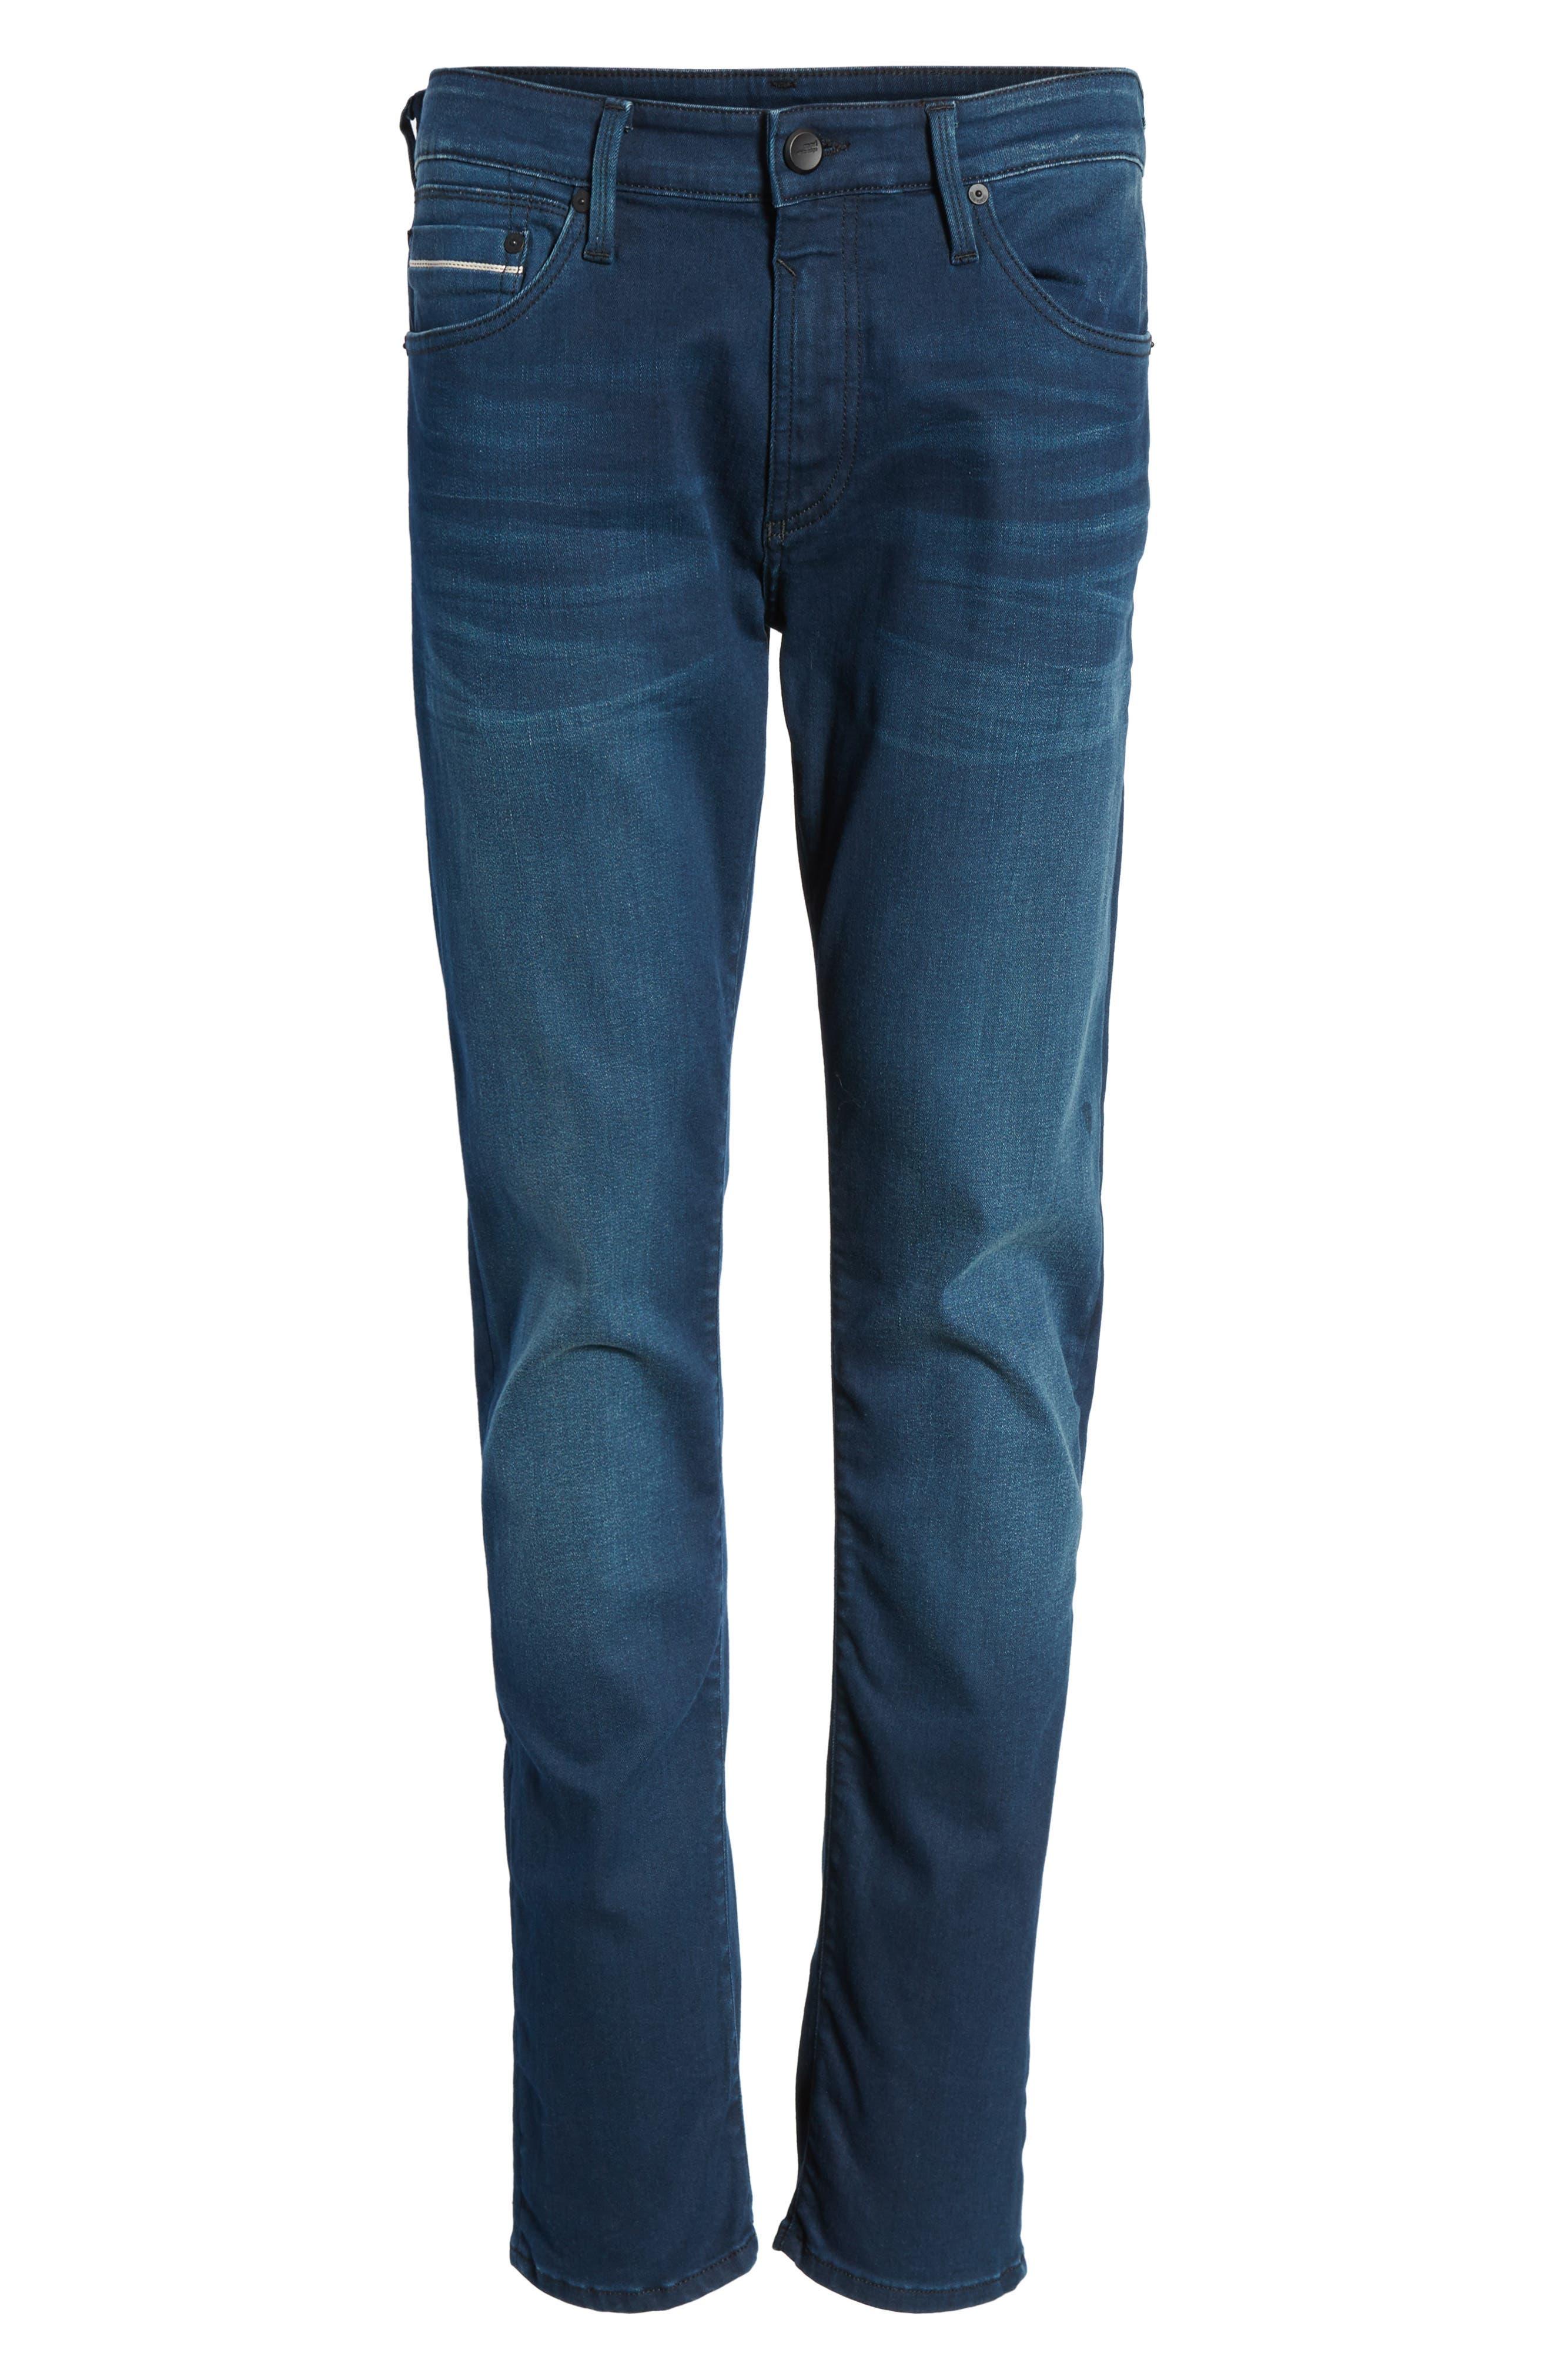 Jake Slim Fit Jeans,                             Alternate thumbnail 6, color,                             Ink Brushed Williamsburg